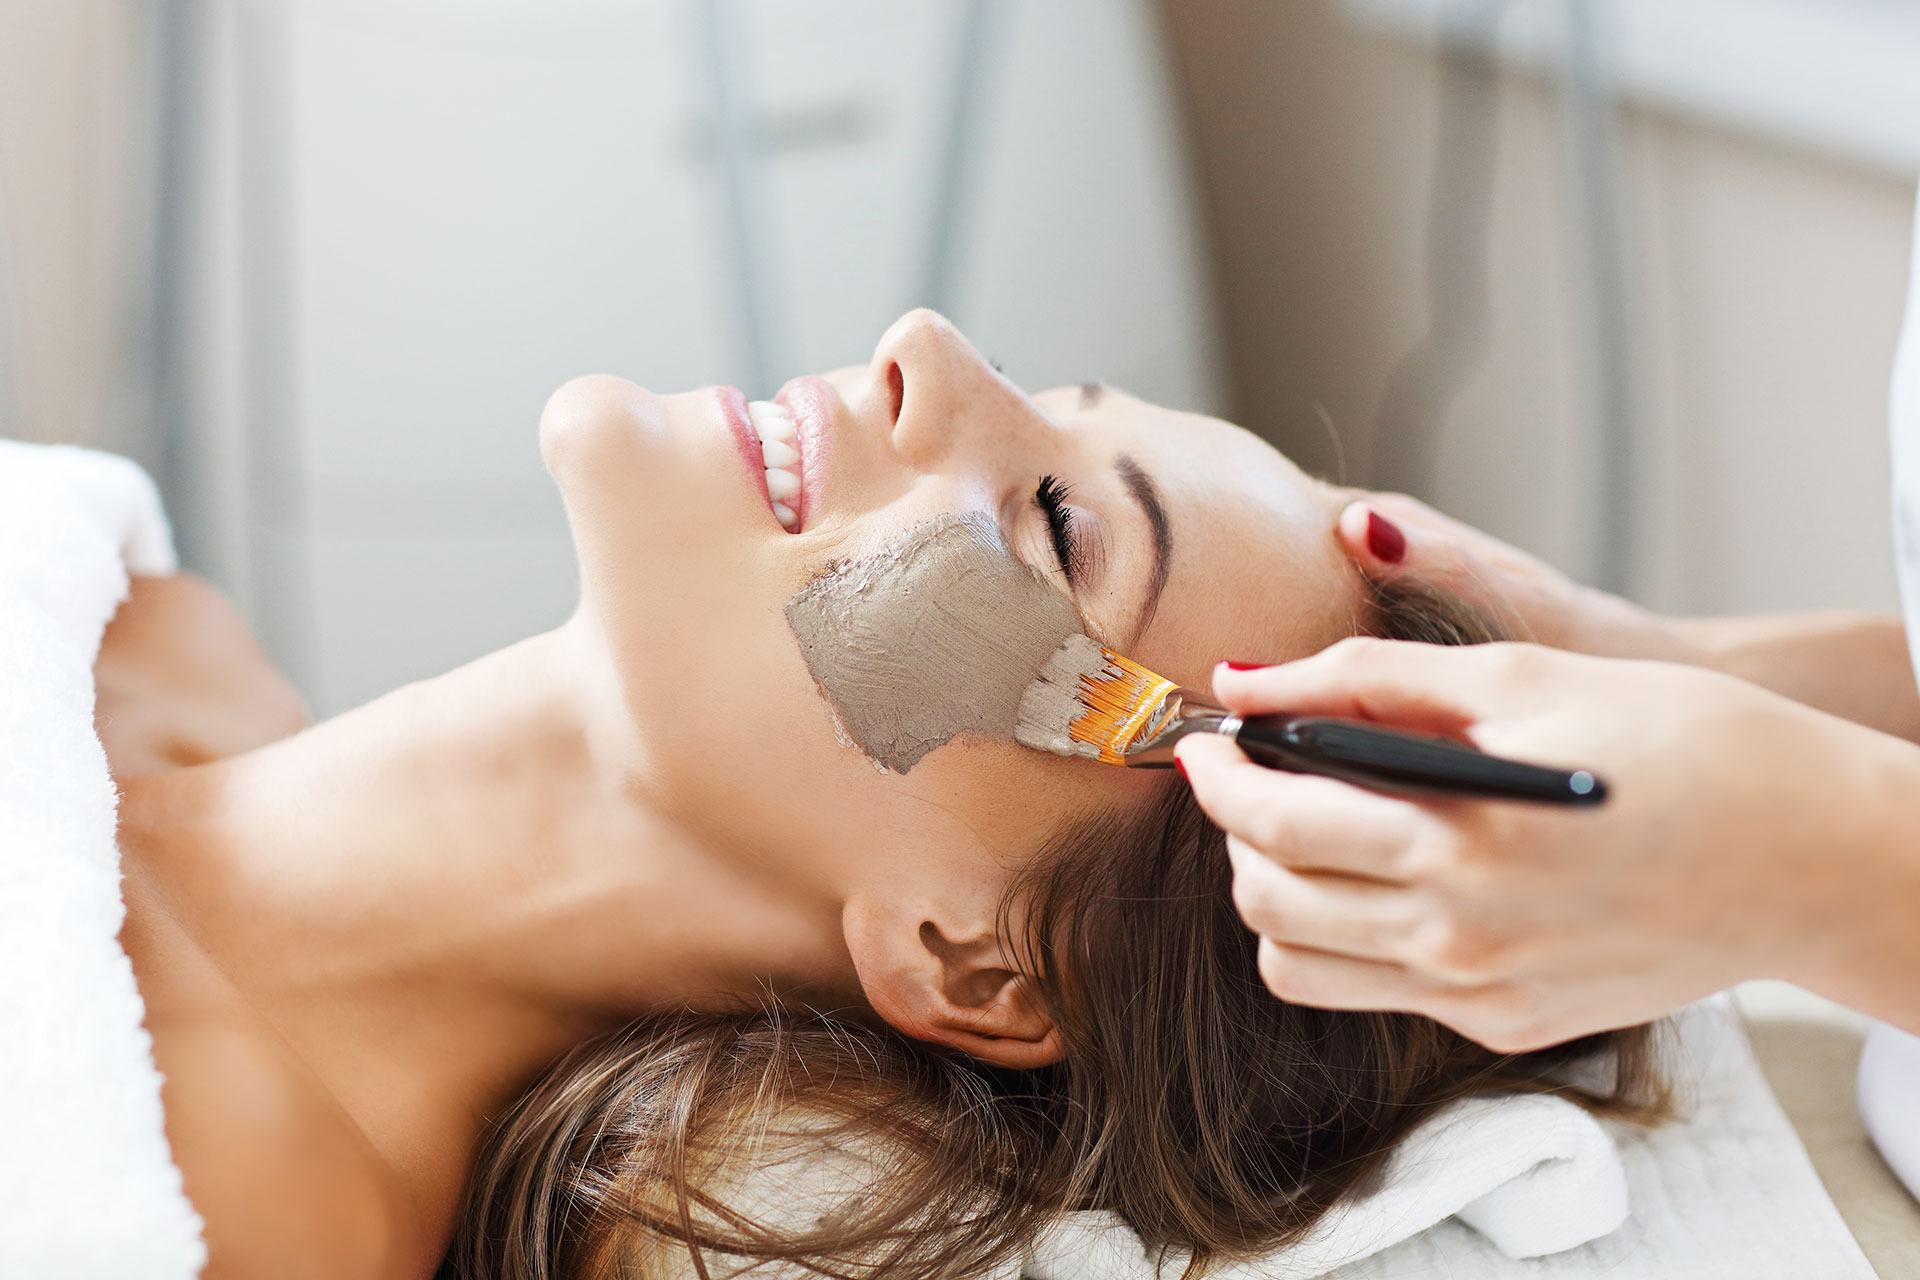 Gesichtsbehandlung - Andrea Wiedmer Beauty Spa Zürich